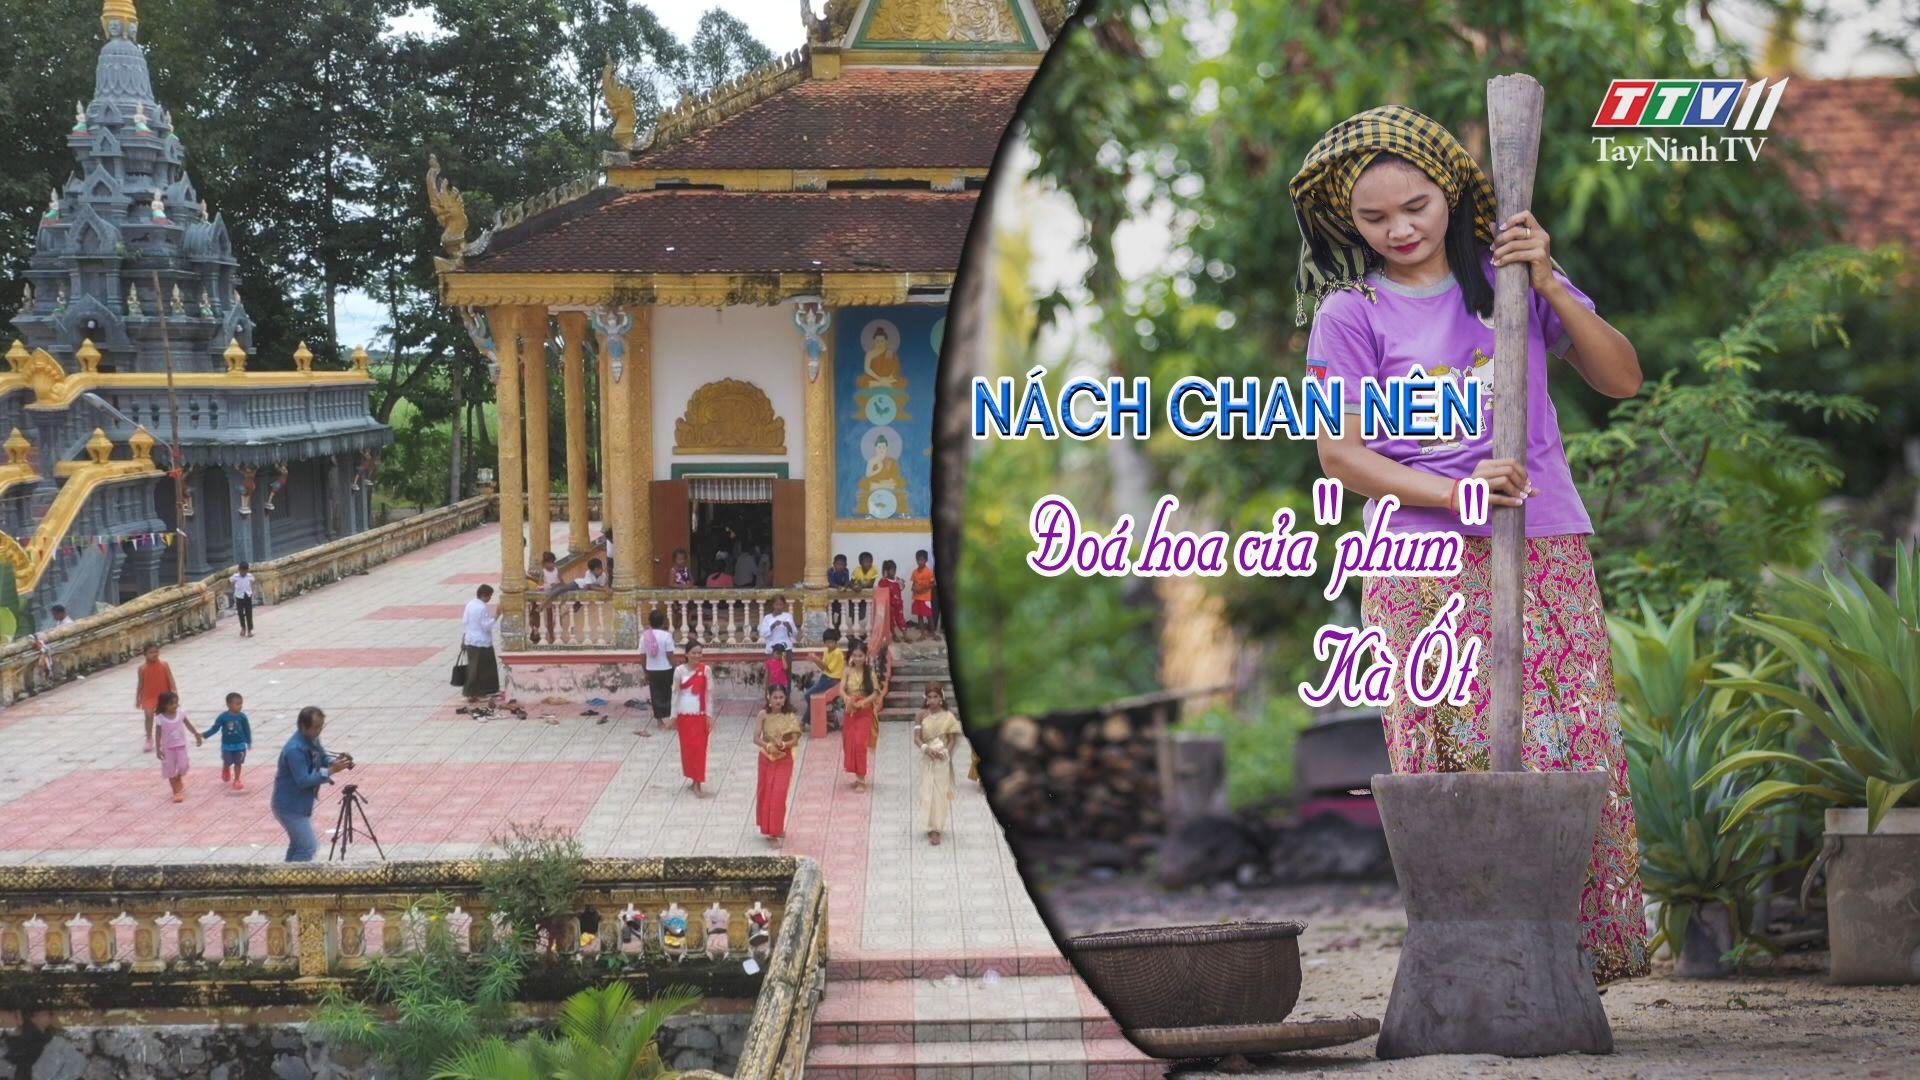 Nách Chan Nên-Đóa hoa của